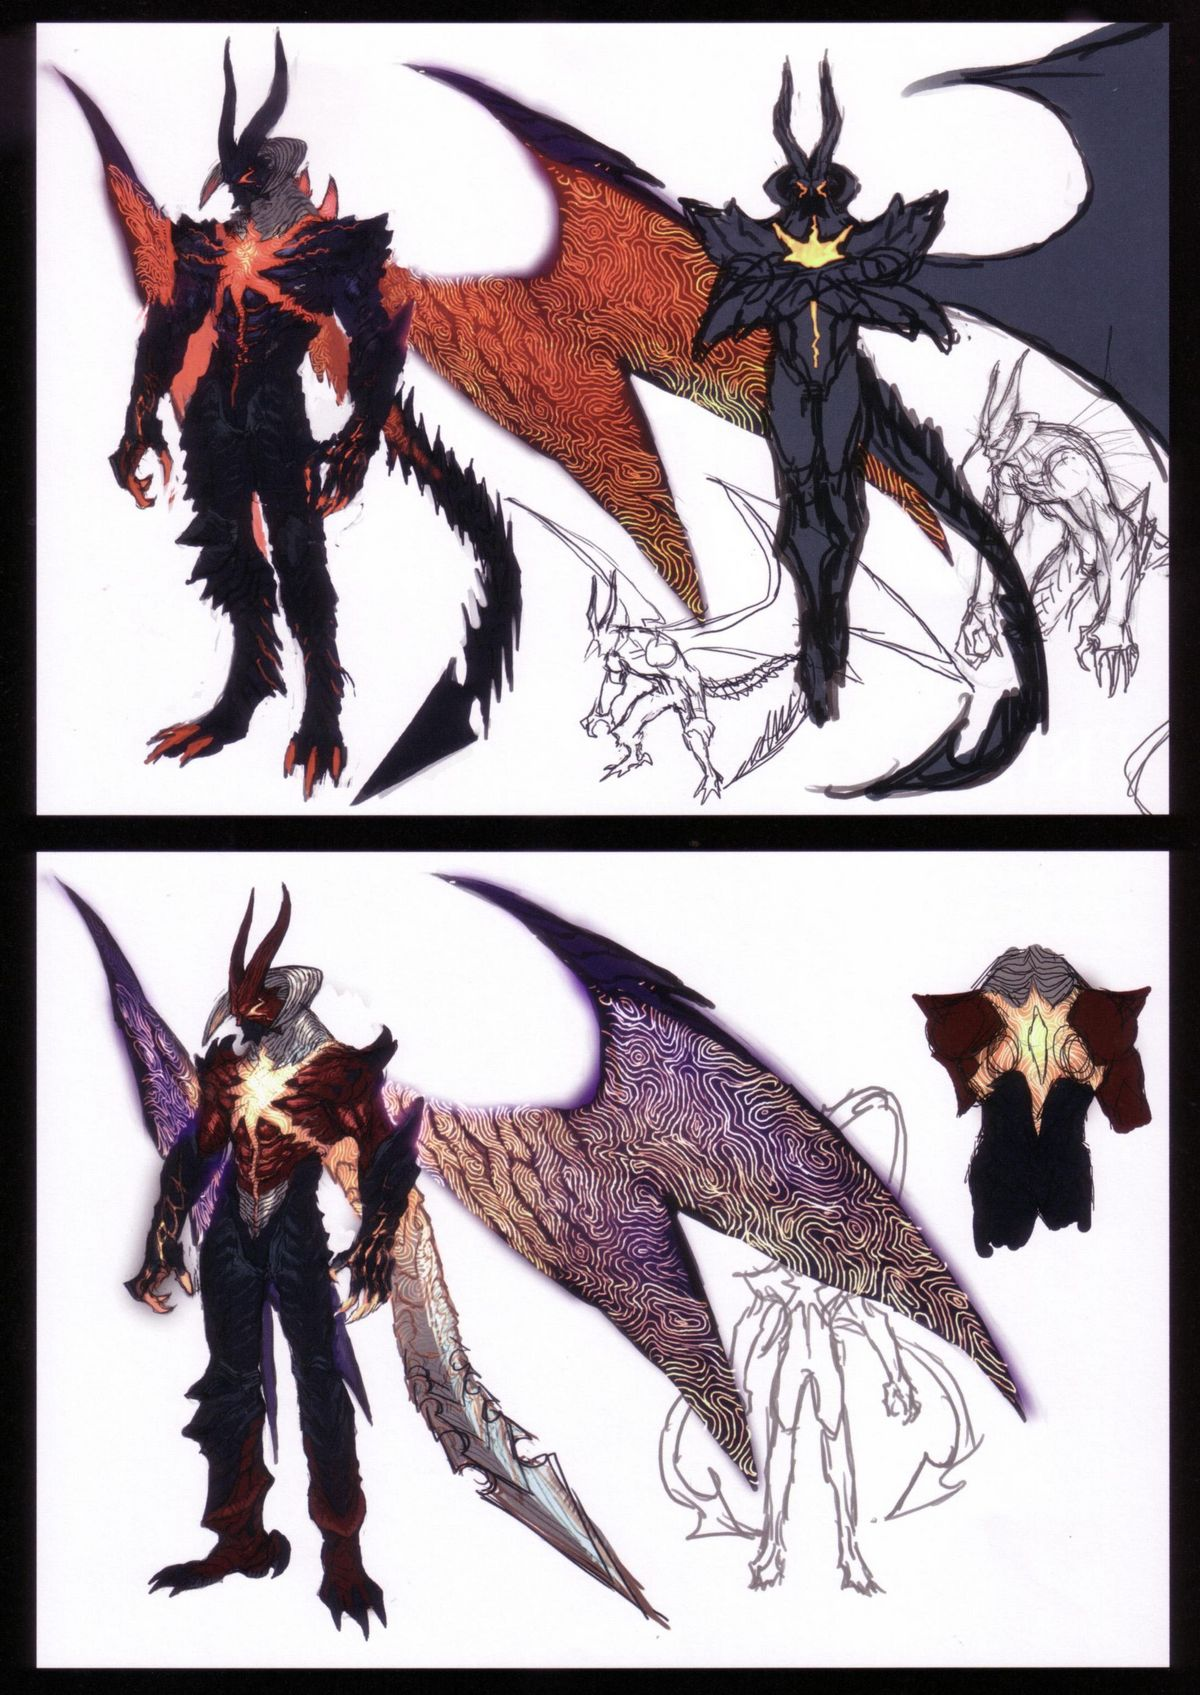 Image dante devil trigger dmc jpg devil may cry wiki fandom - Image Dante Devil Trigger Dmc Jpg Devil May Cry Wiki Fandom 5